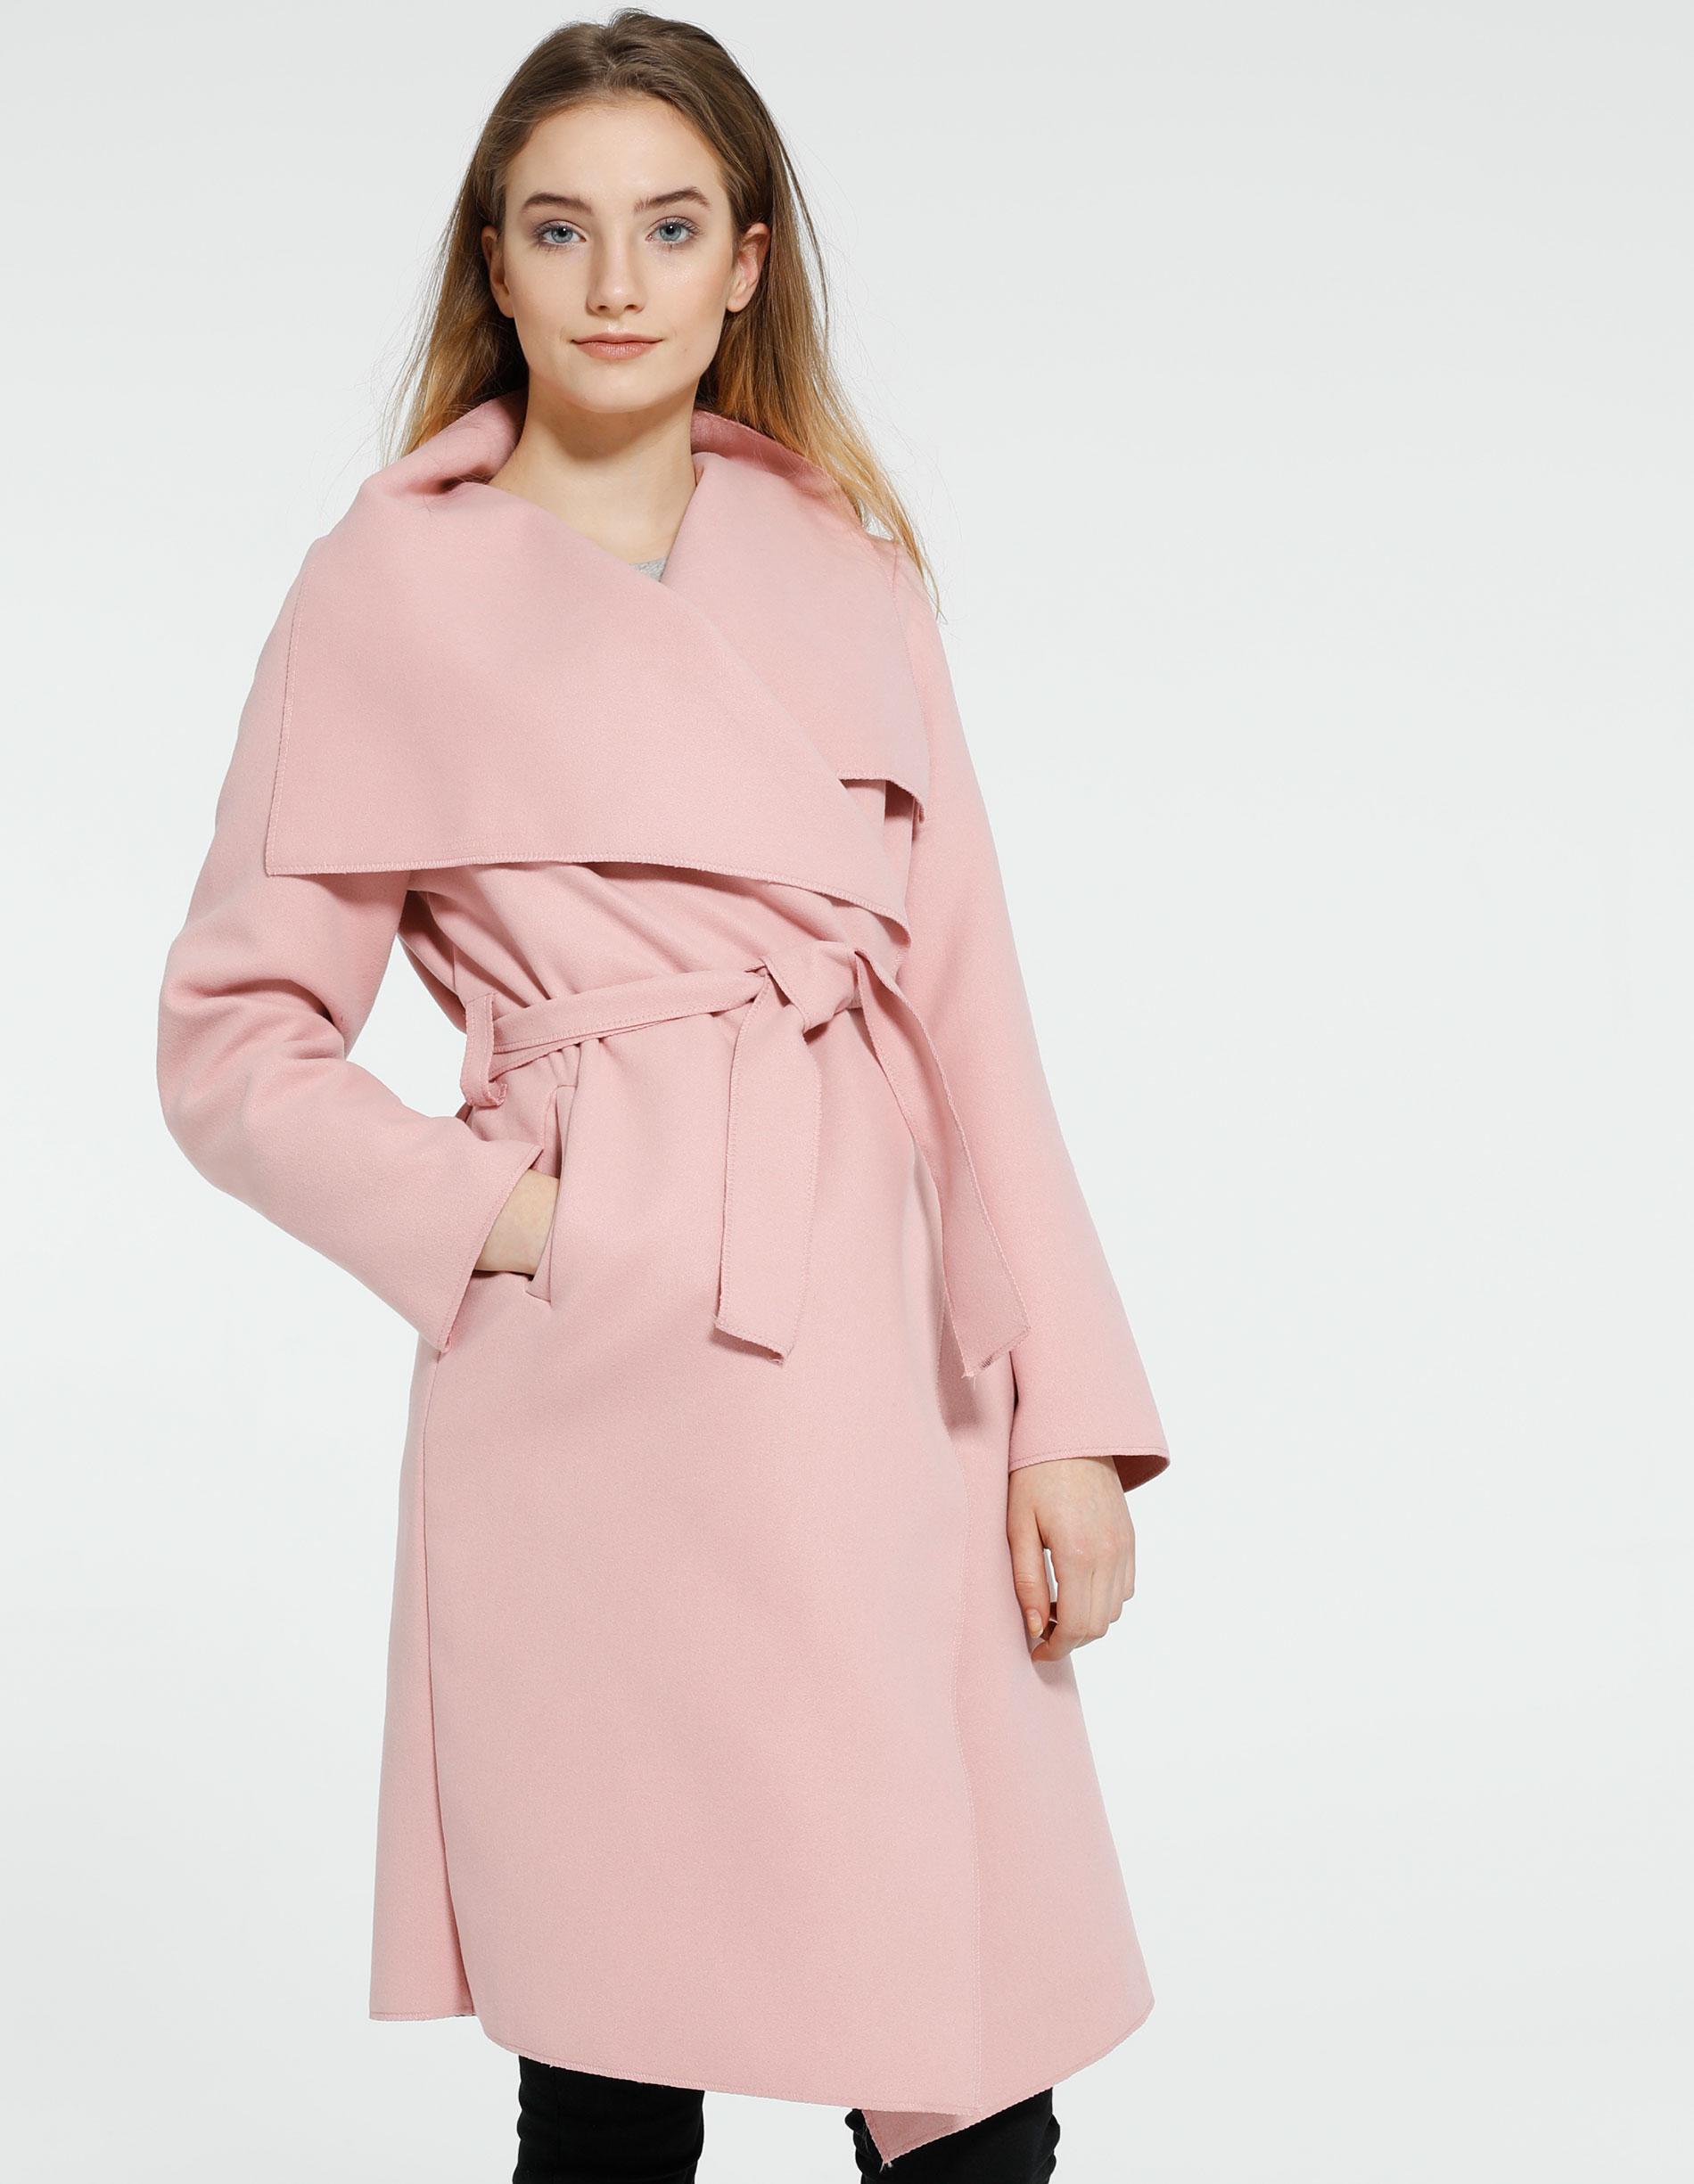 Płaszcz materiałowy - 65-5079L ROSA - Unisono